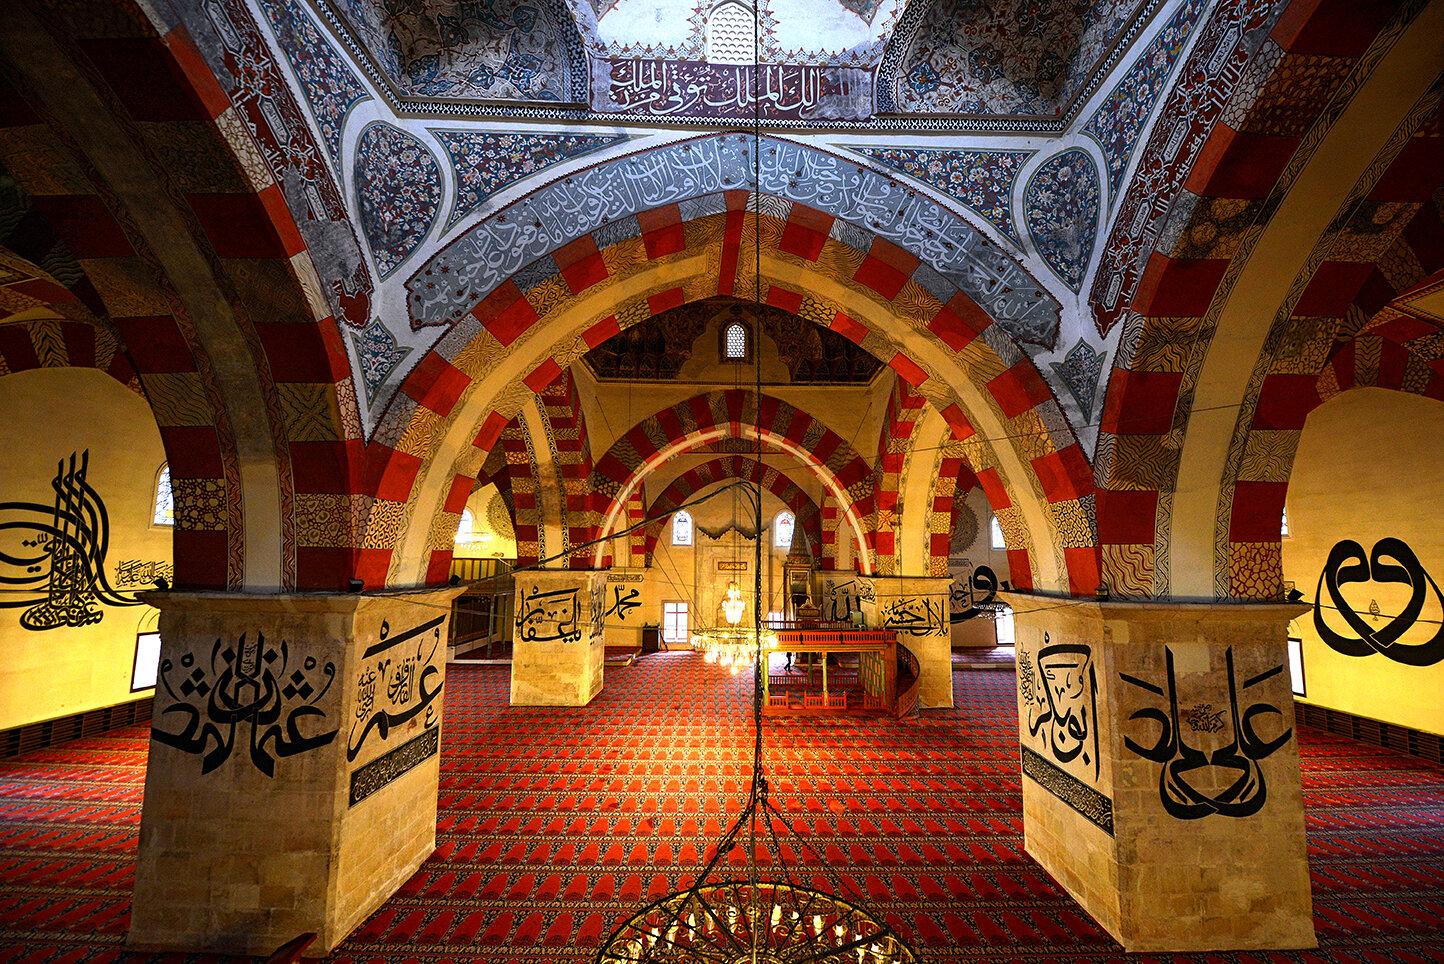 Ayrıca gittiği ve fotoğraflarını çektiği 118 Ulu Cami'nin fotoğraflarını da bir albümde toplayarak şehit düşmeden bir ay önce yayınlamıştı. (Edirne Eski Cami)